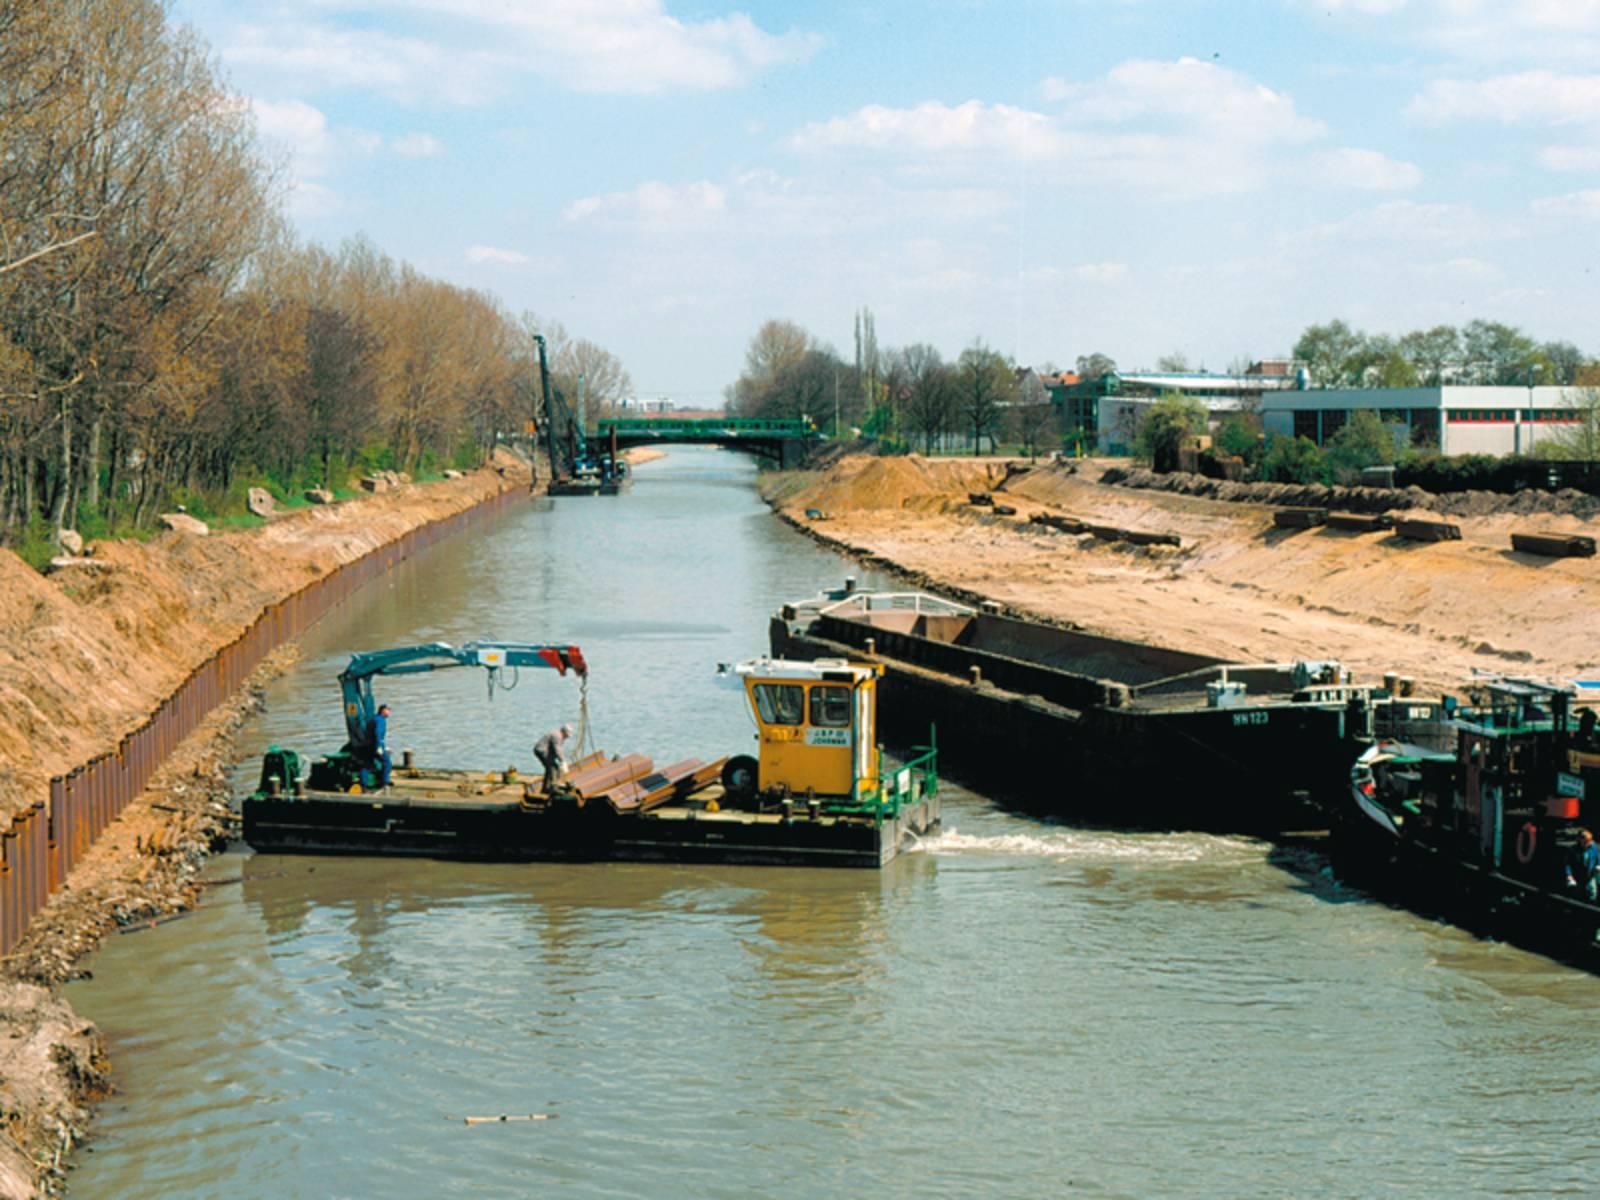 Der Mittellandkanal im Bau, im Vordergrund ein Baggerschiff und ein Lastkan